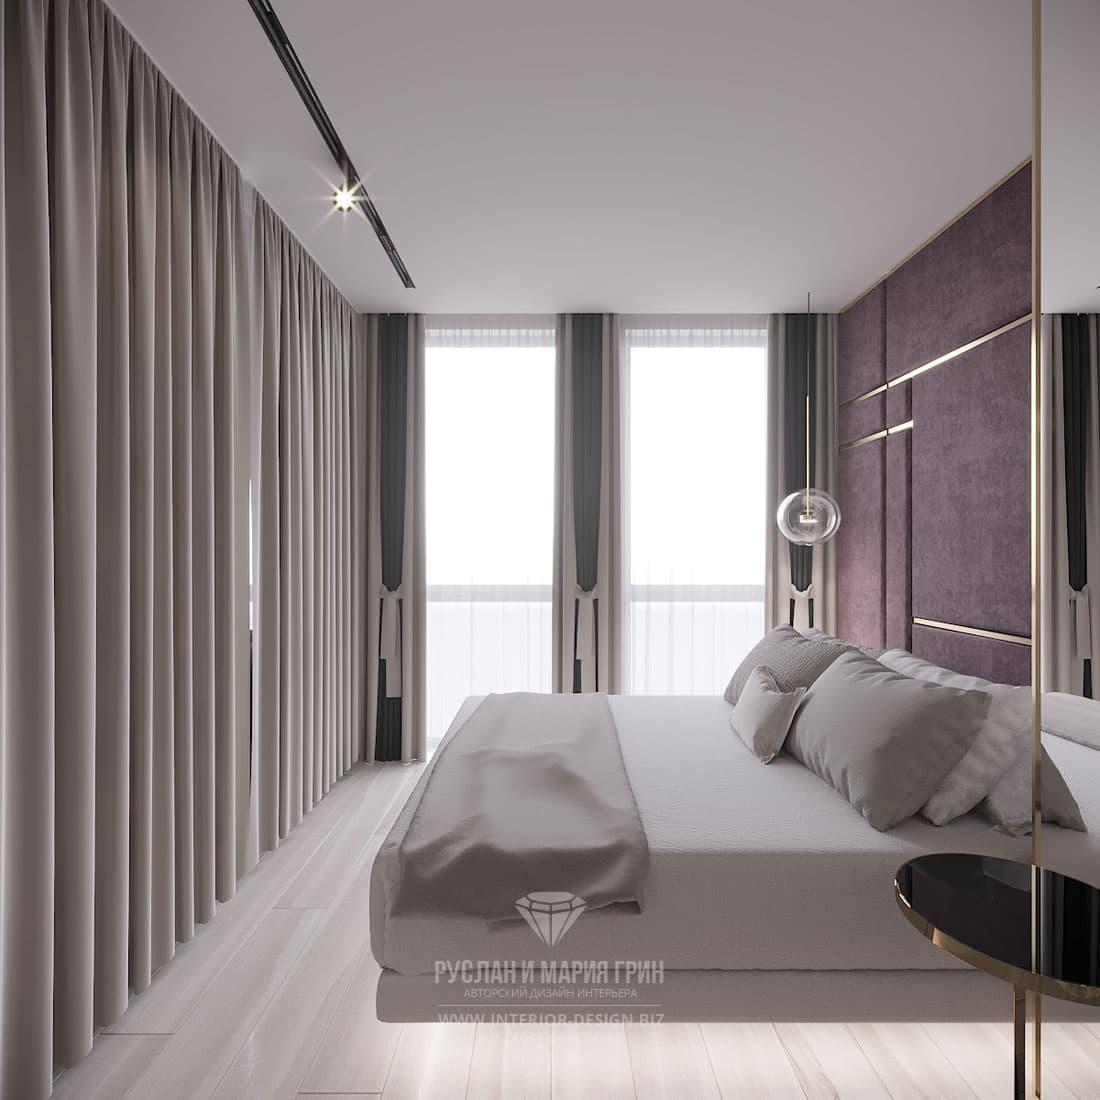 Дизайн спальни в бежевых тонах с акцентами